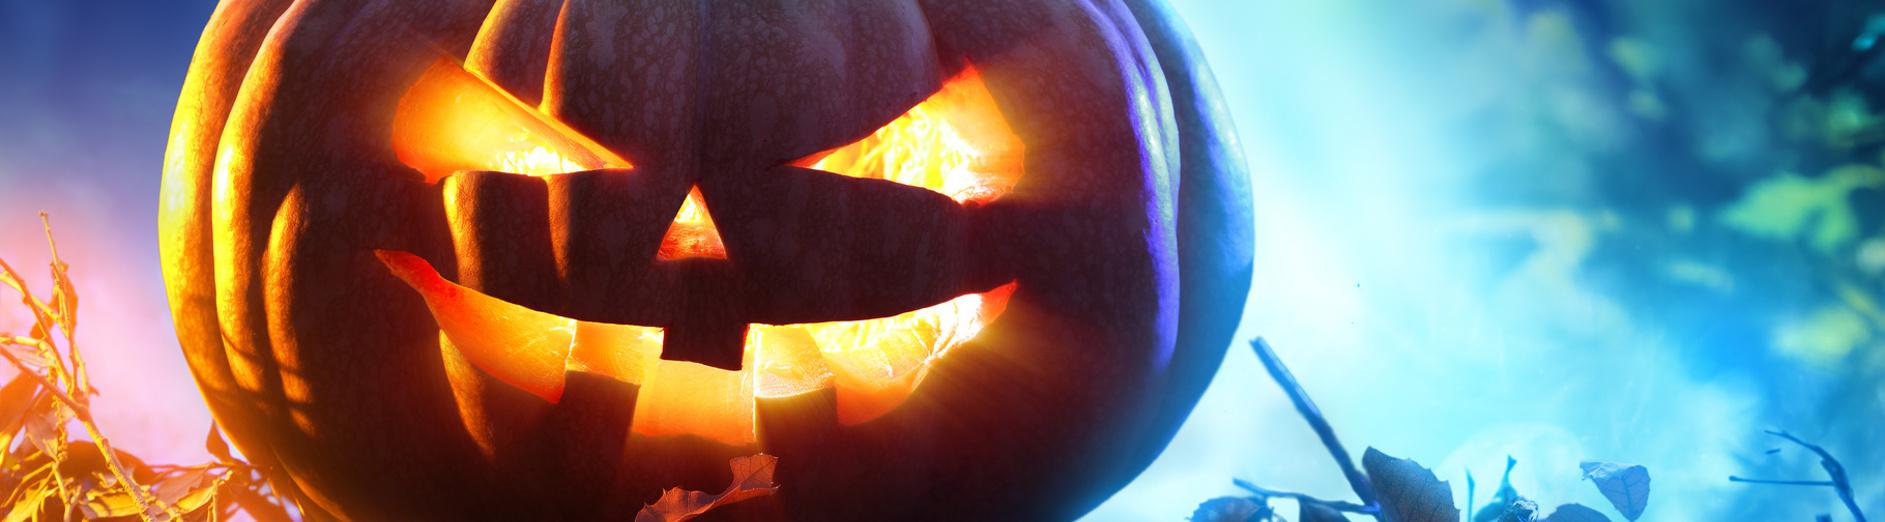 ü33 Halloween oben